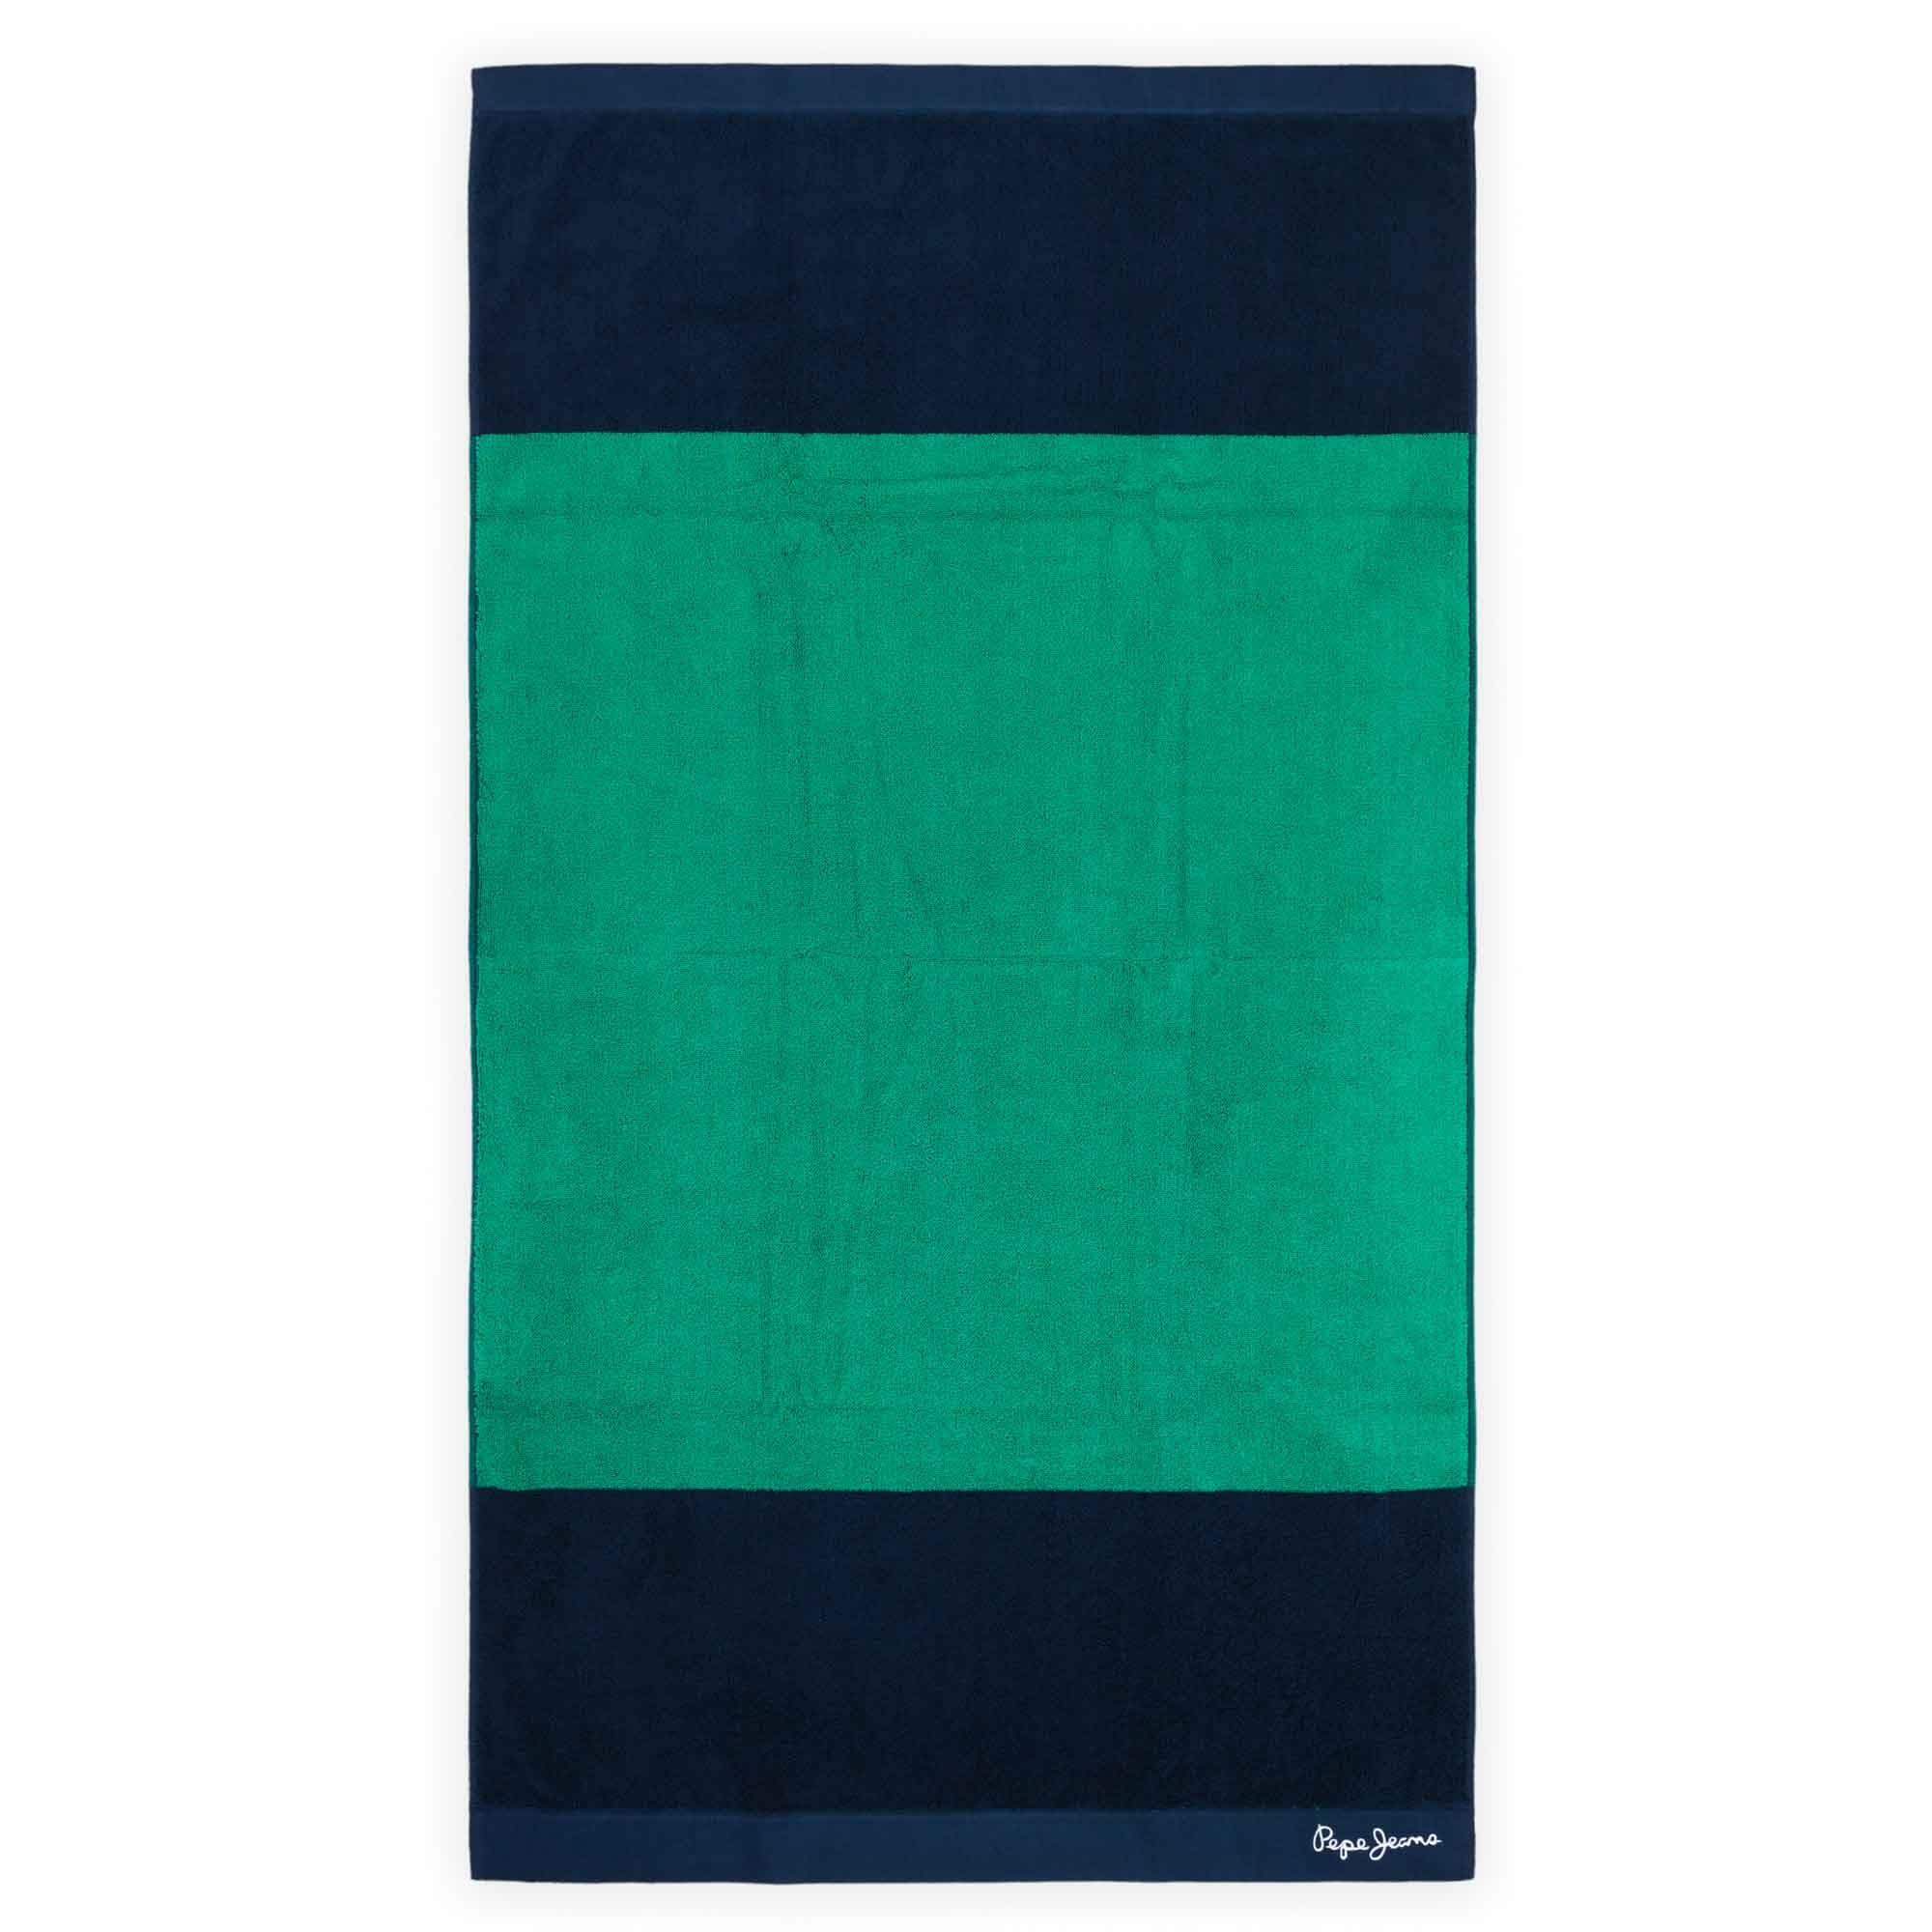 Toalla para manos de algodón Pepe Jeans® Pascal color verde/azul